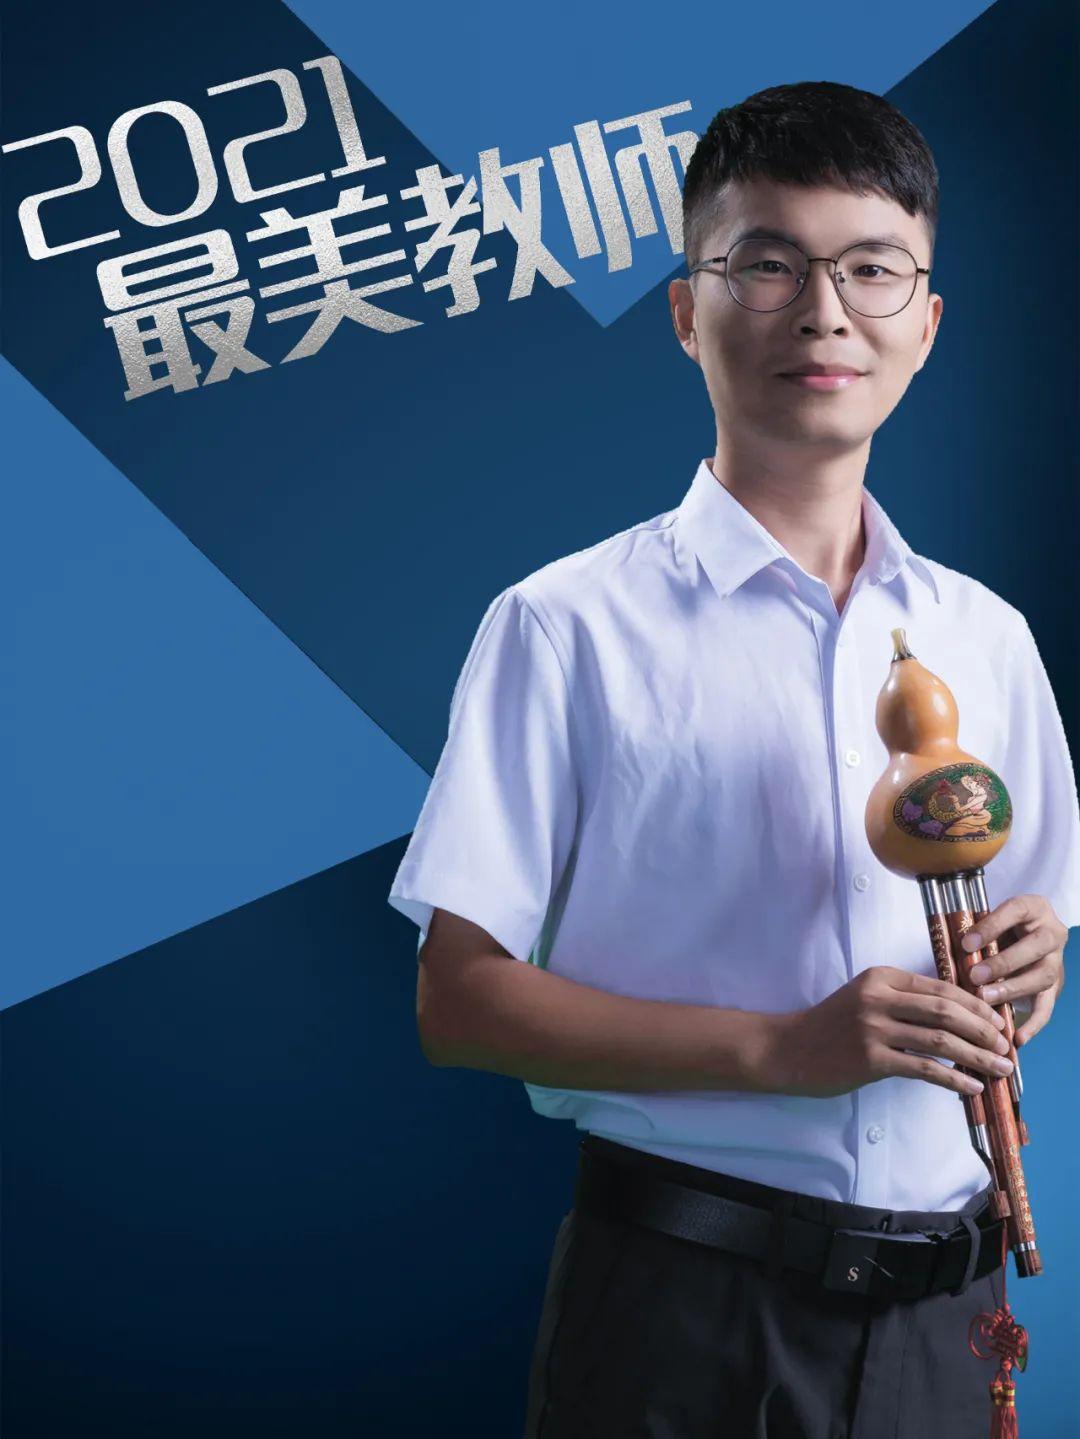 第37个教师节|2021年郑州最美教师评选结果揭晓